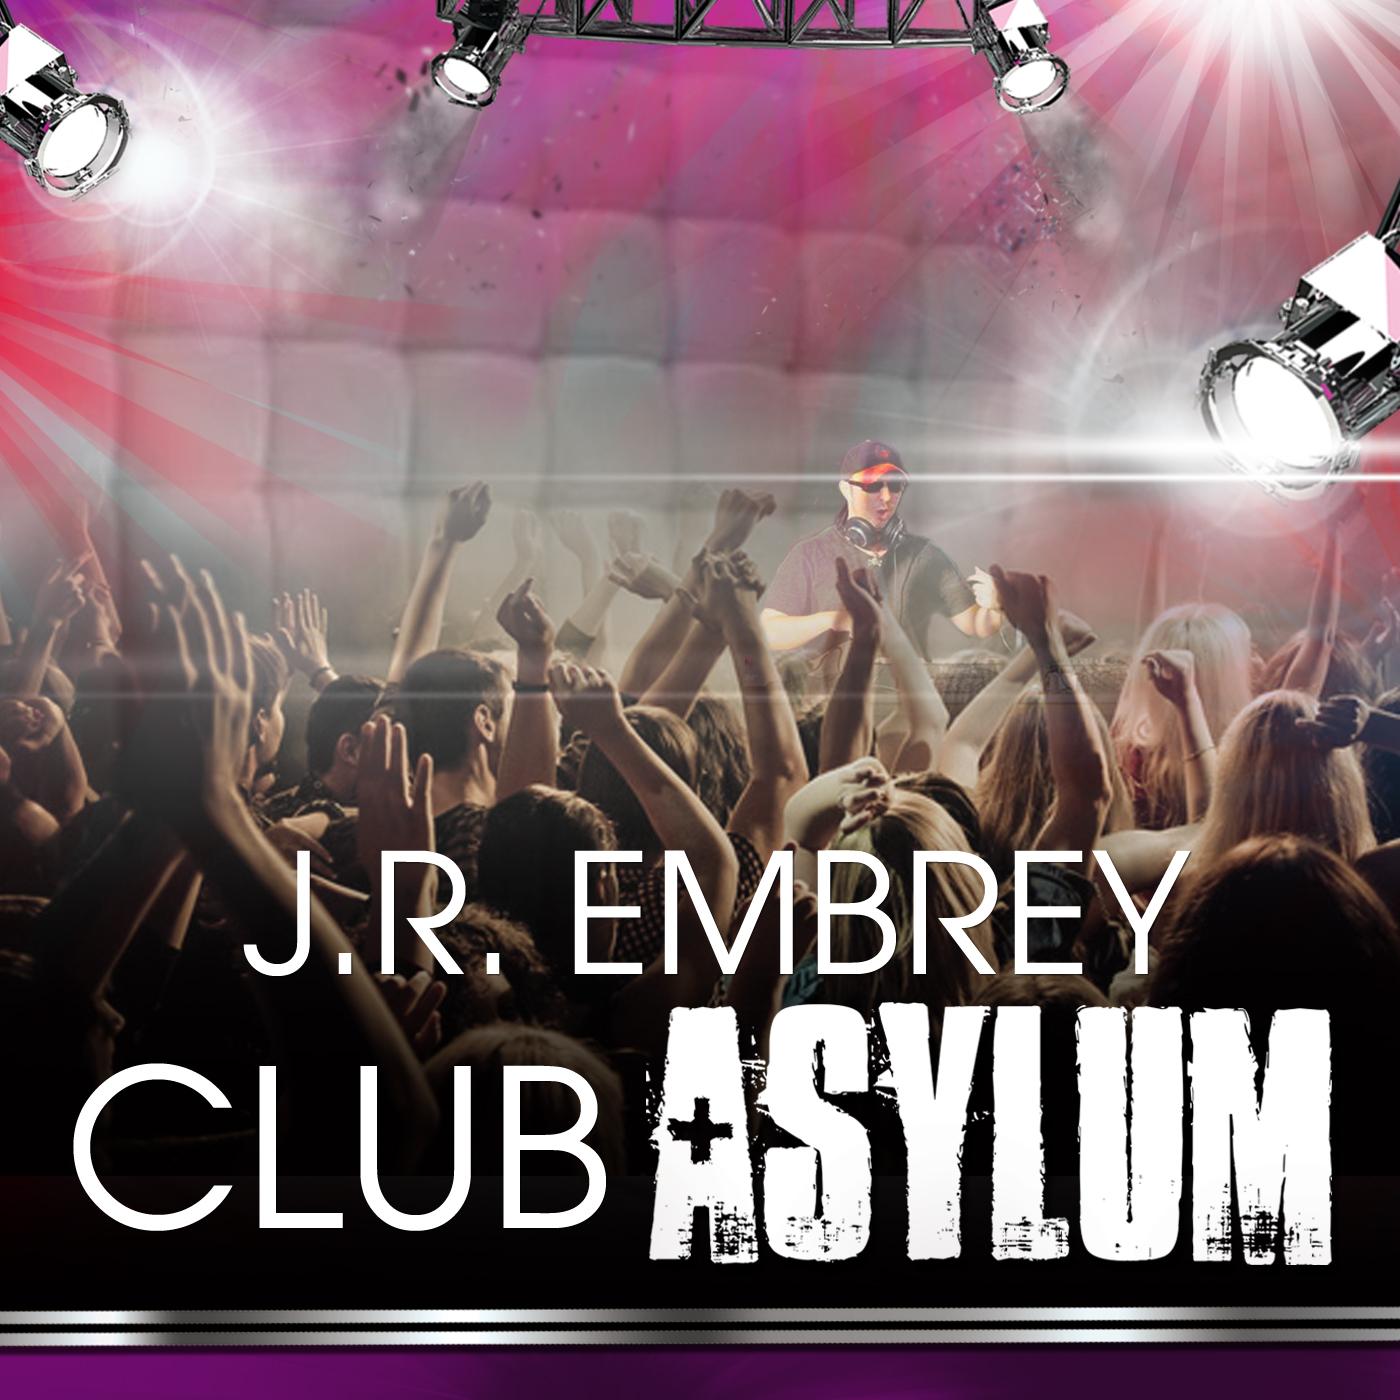 J.R. Embrey's Club Asylum